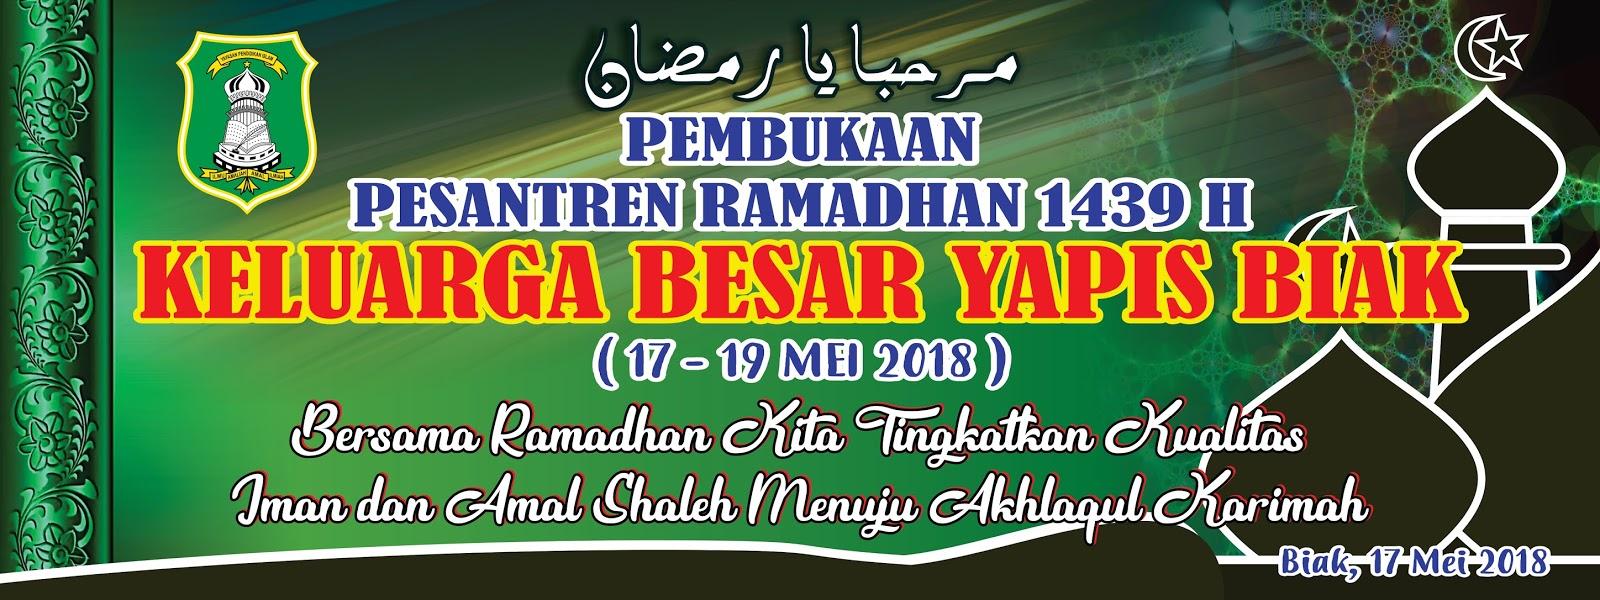 Spanduk Pembukaan Pesantren Ramadhan 1439 H Keluarga Besar Yapis Biak